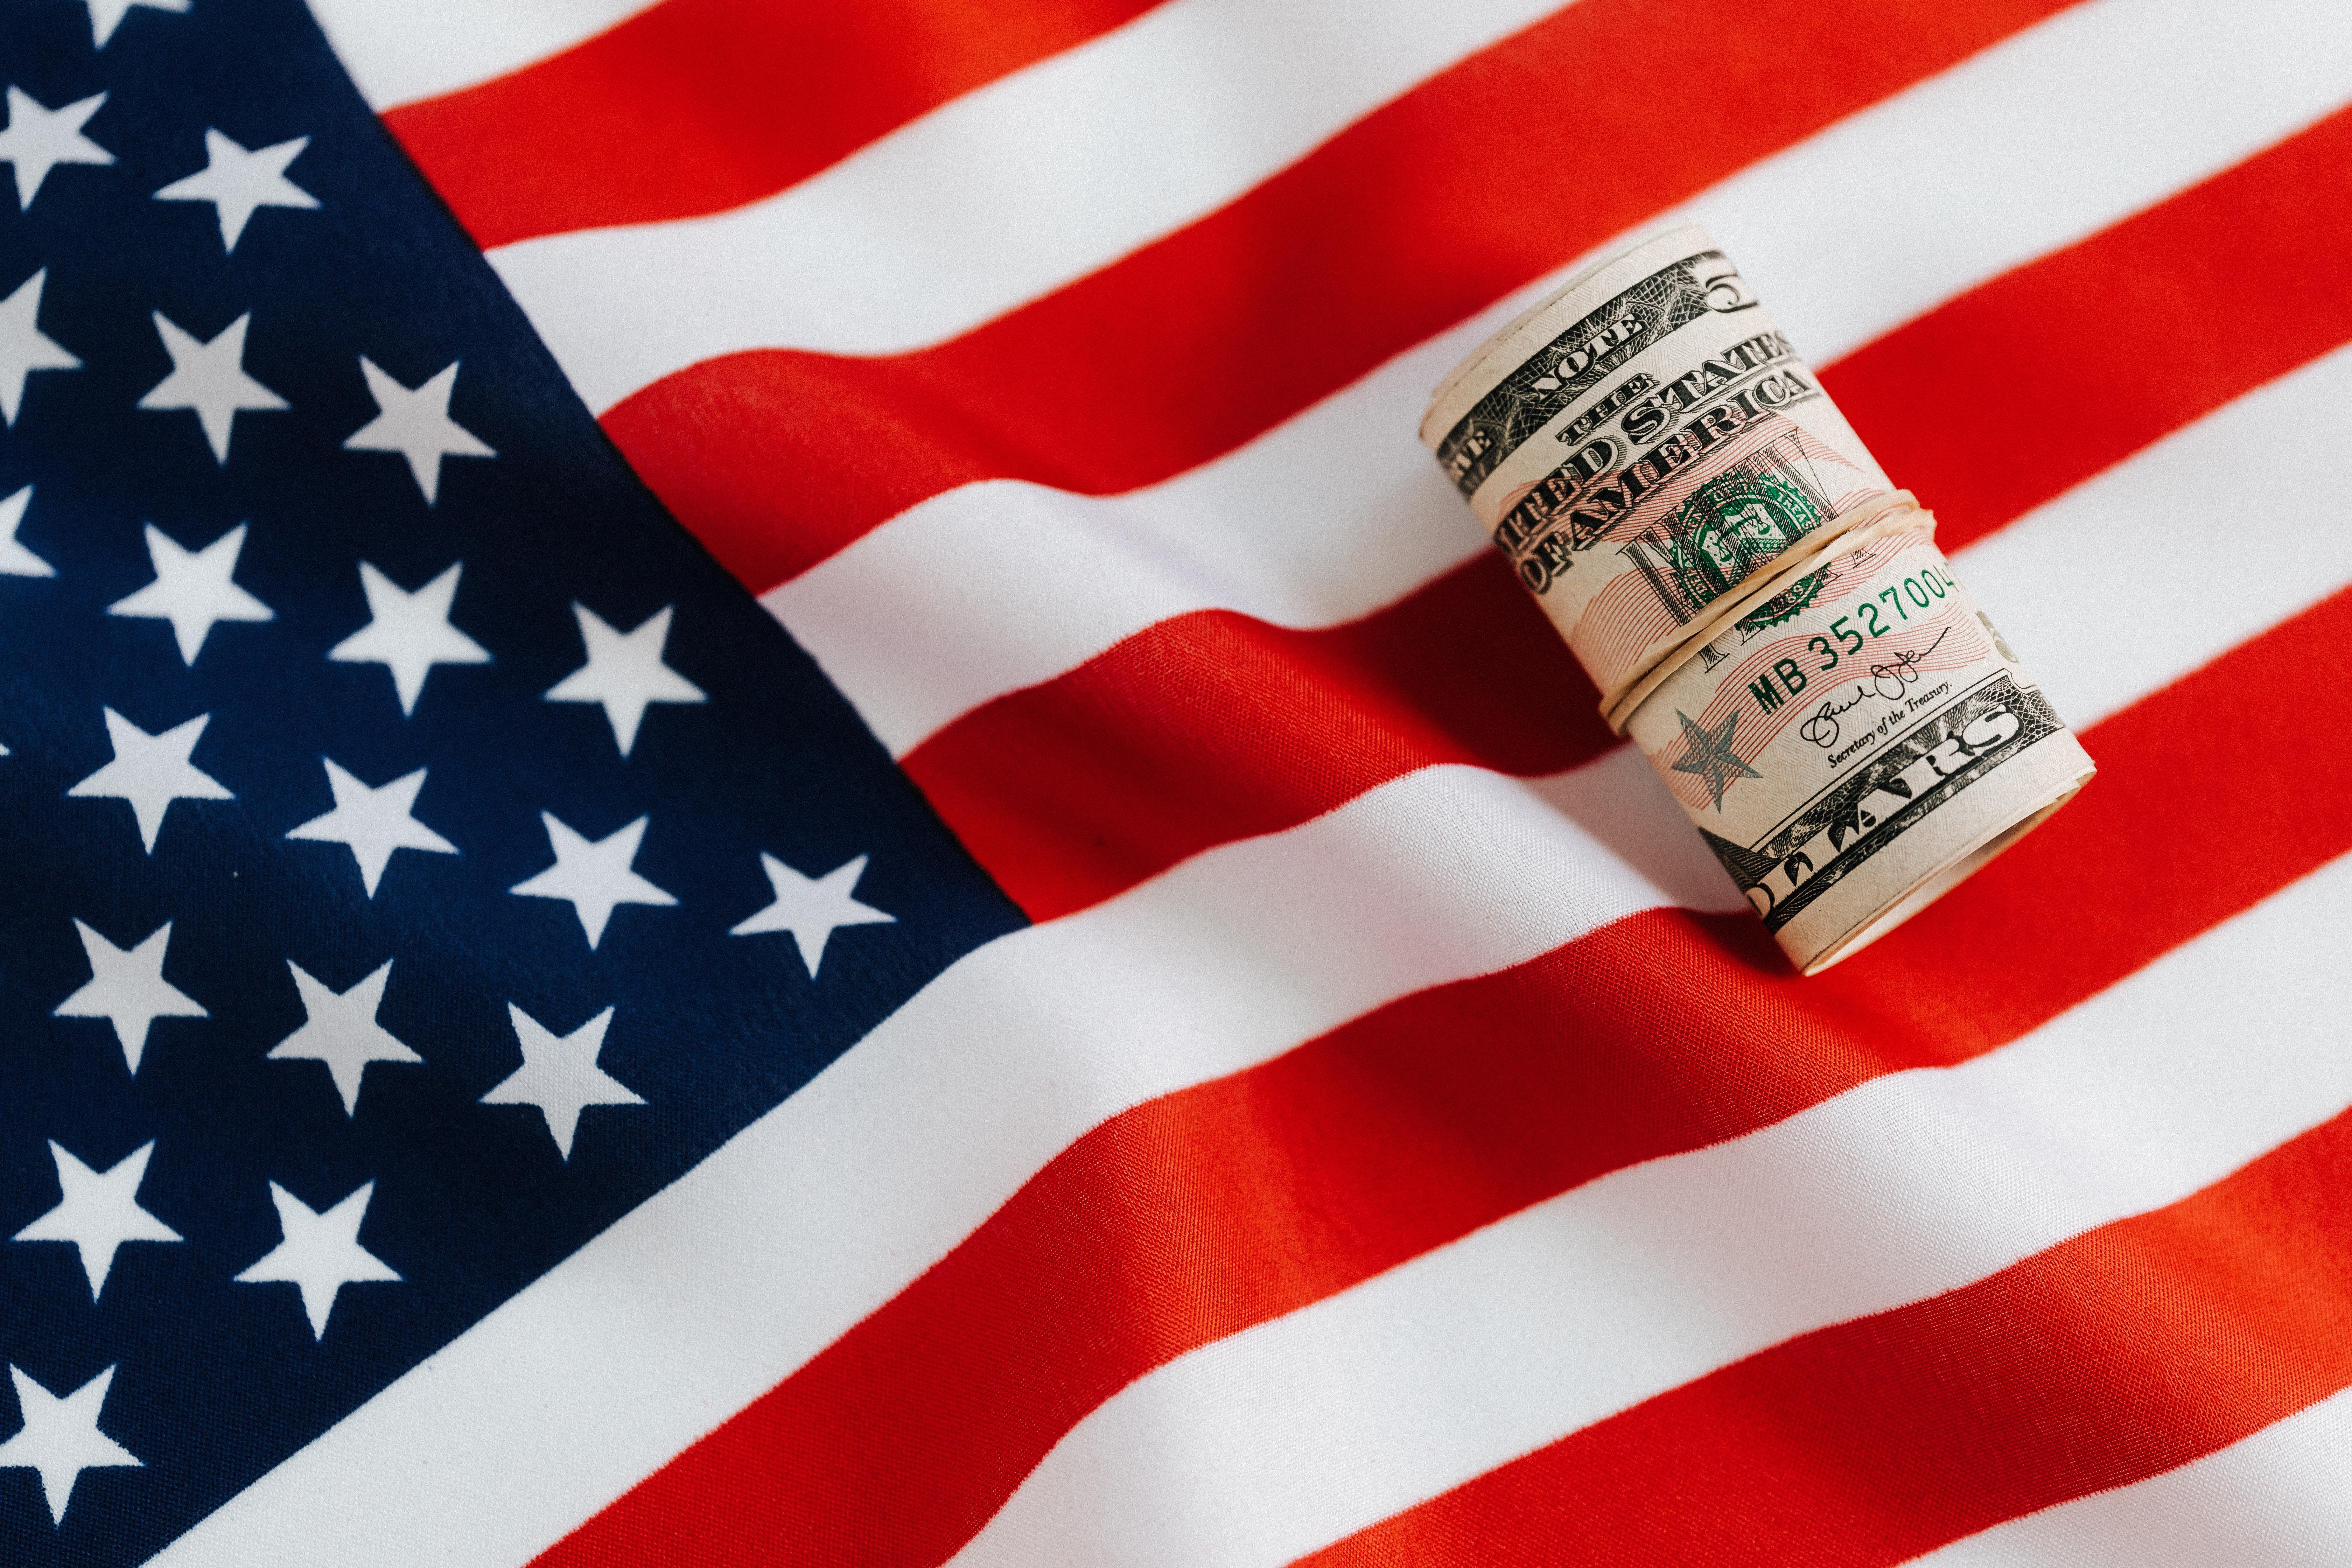 监管机构表示,美国的银行现在可以提供加密托管服务 0001